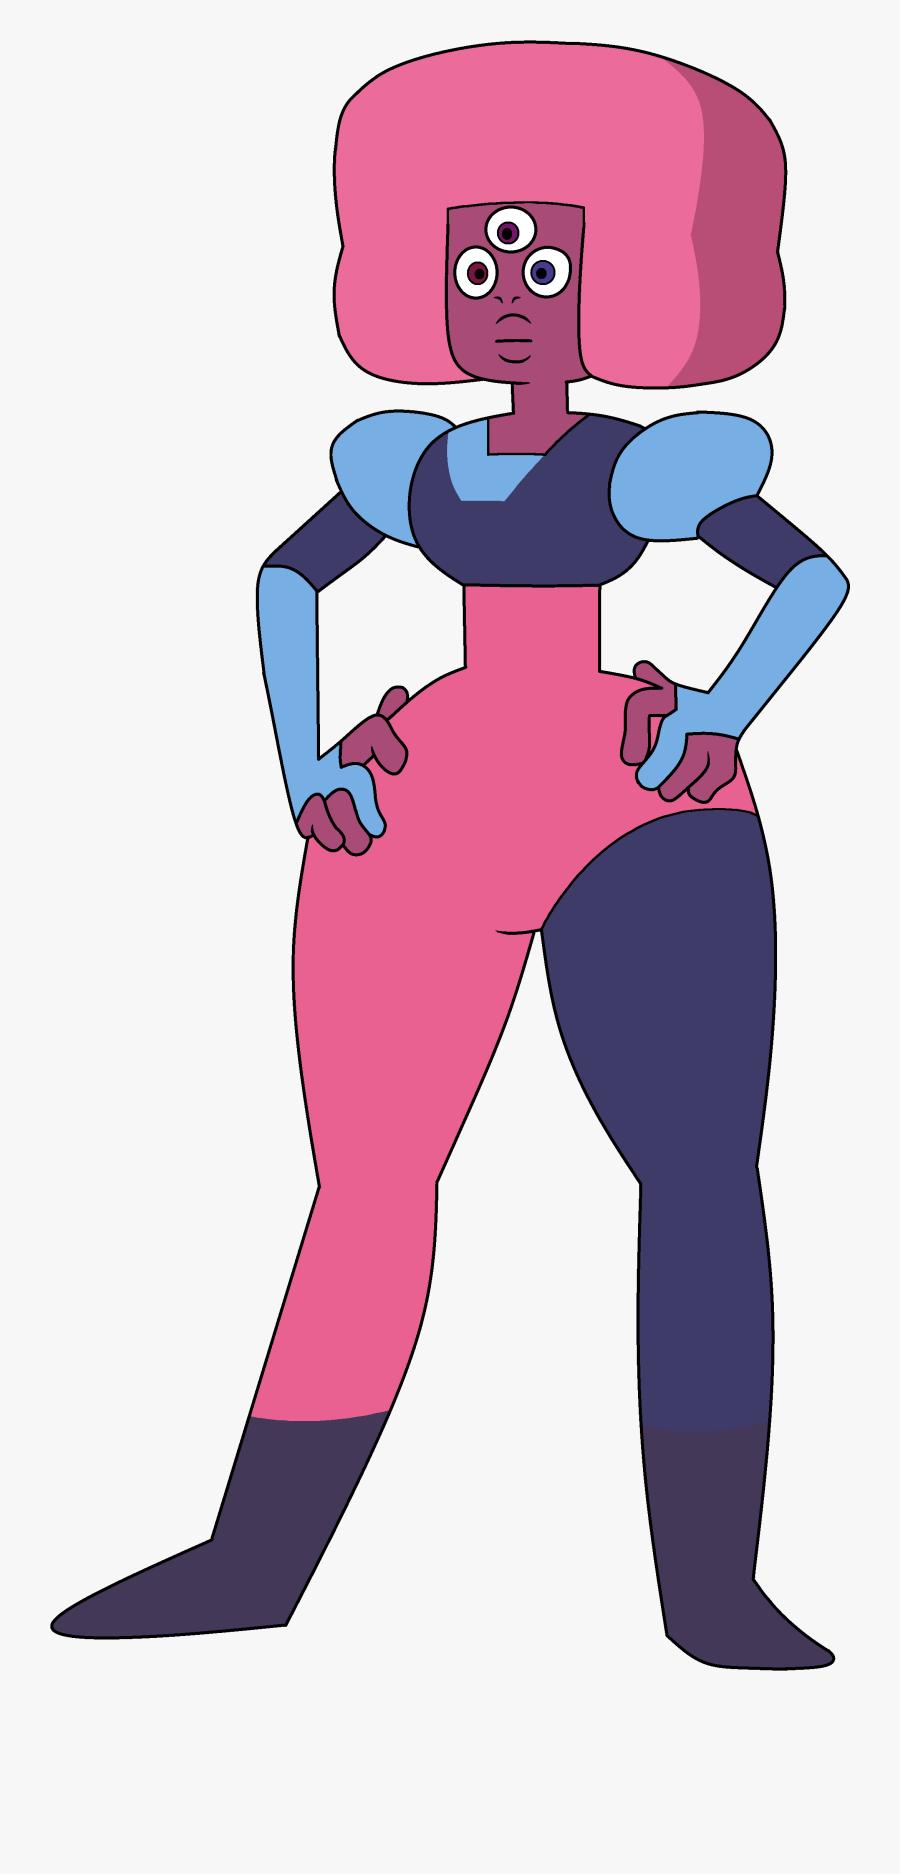 Garnet Regenerations Fan And Non-fan - Steven Universe Off Color Cotton Candy Garnet, Transparent Clipart